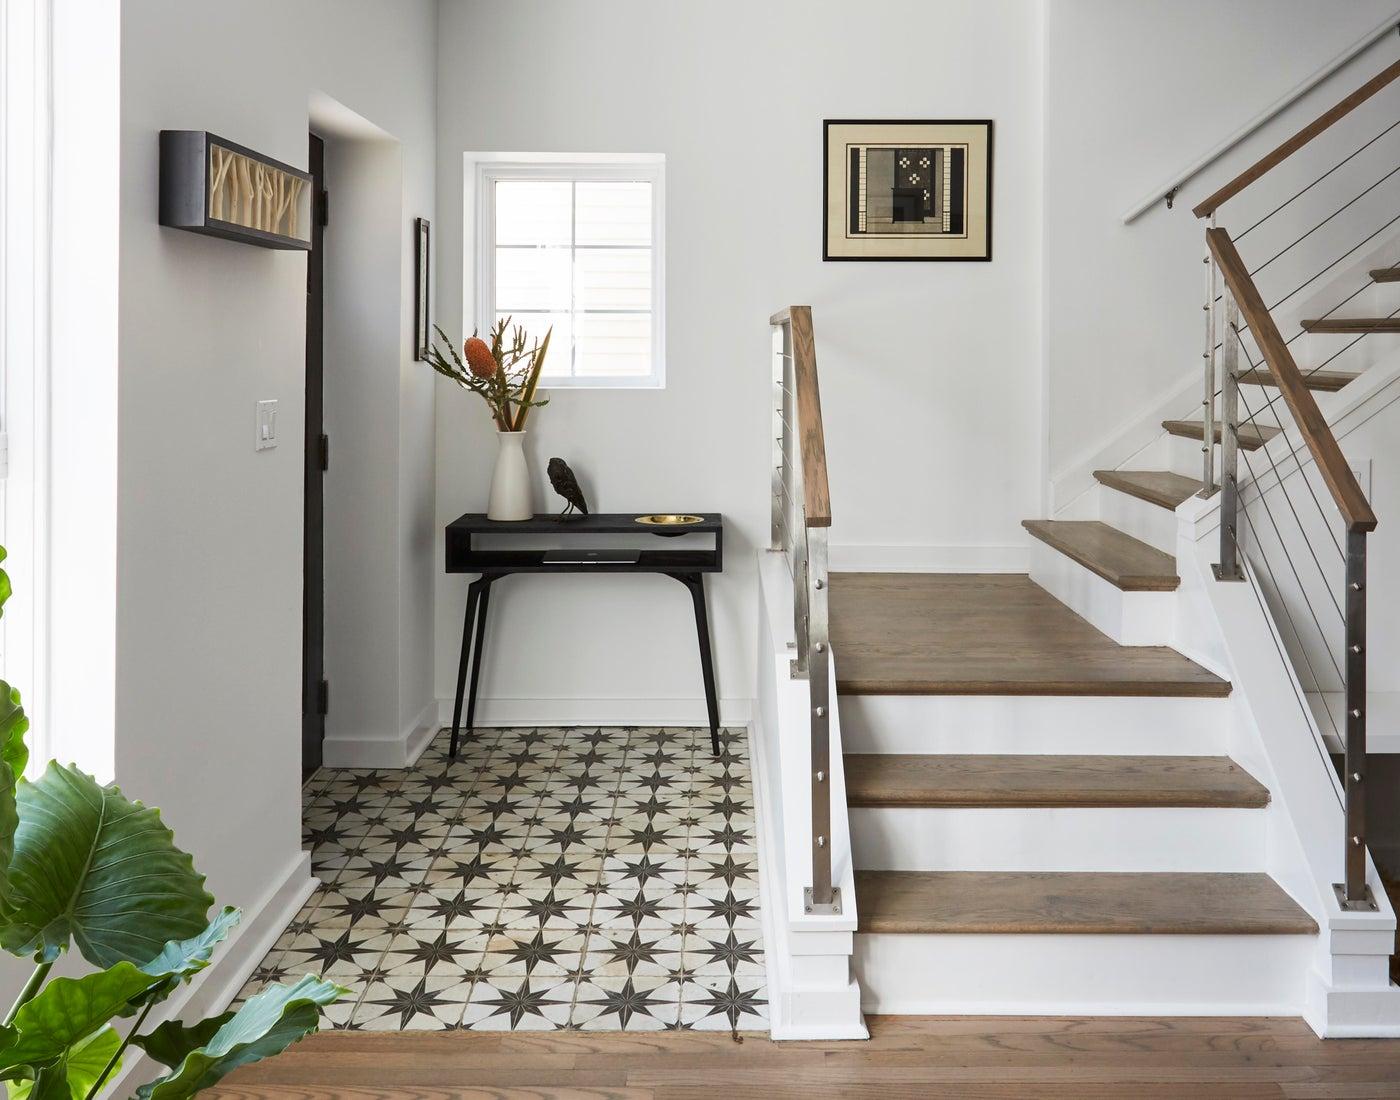 Kitchenlab stairwell